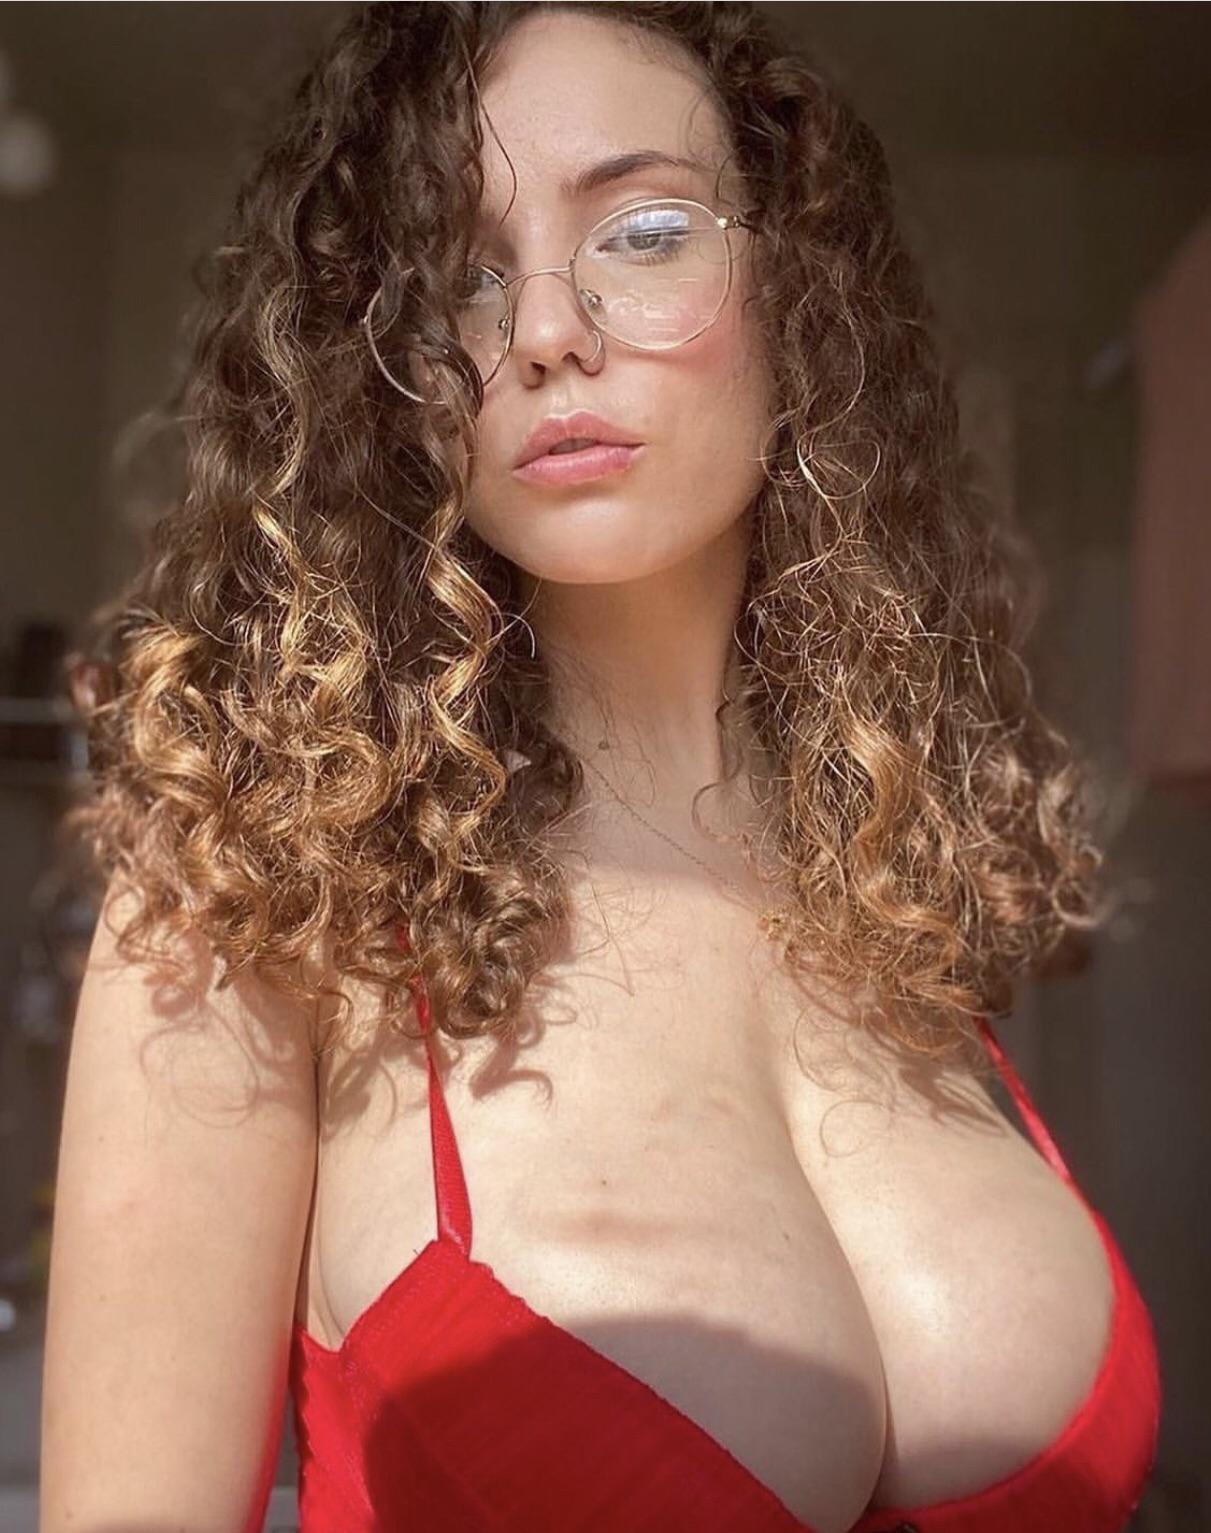 Long curly hair on big tits masturbating slut